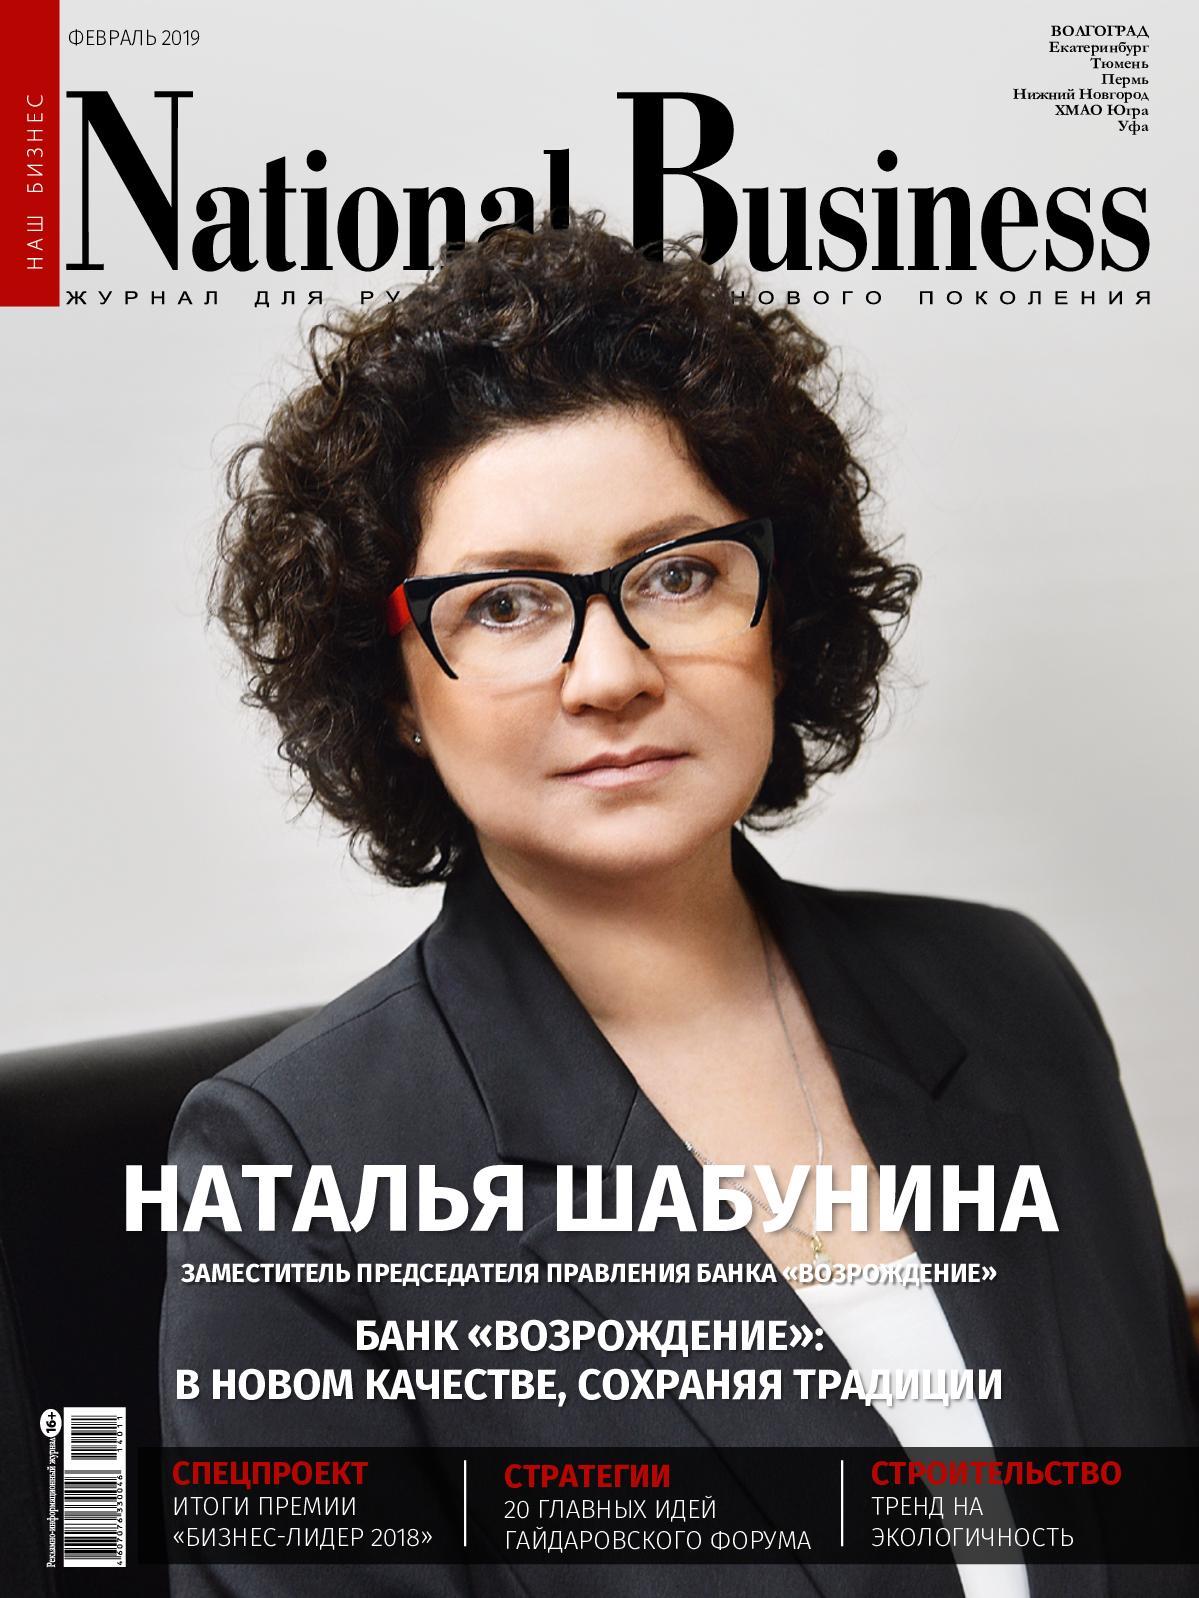 5e6633f1c8324 Calaméo - National Business, Волгоград, февраль 2019